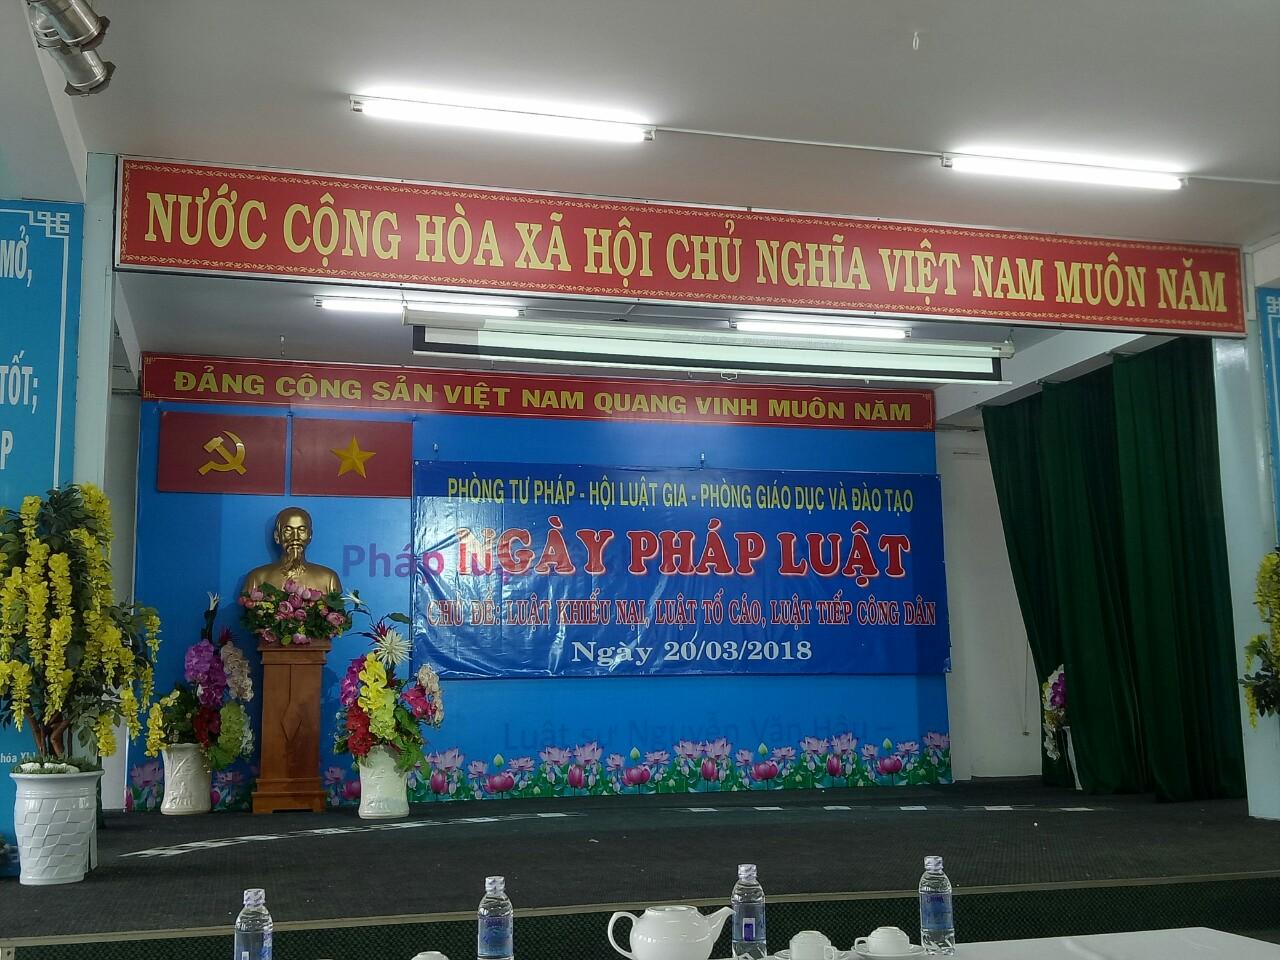 Quận Tân Bình tổ chức Hội nghị tuyên truyền về Luật tiếp